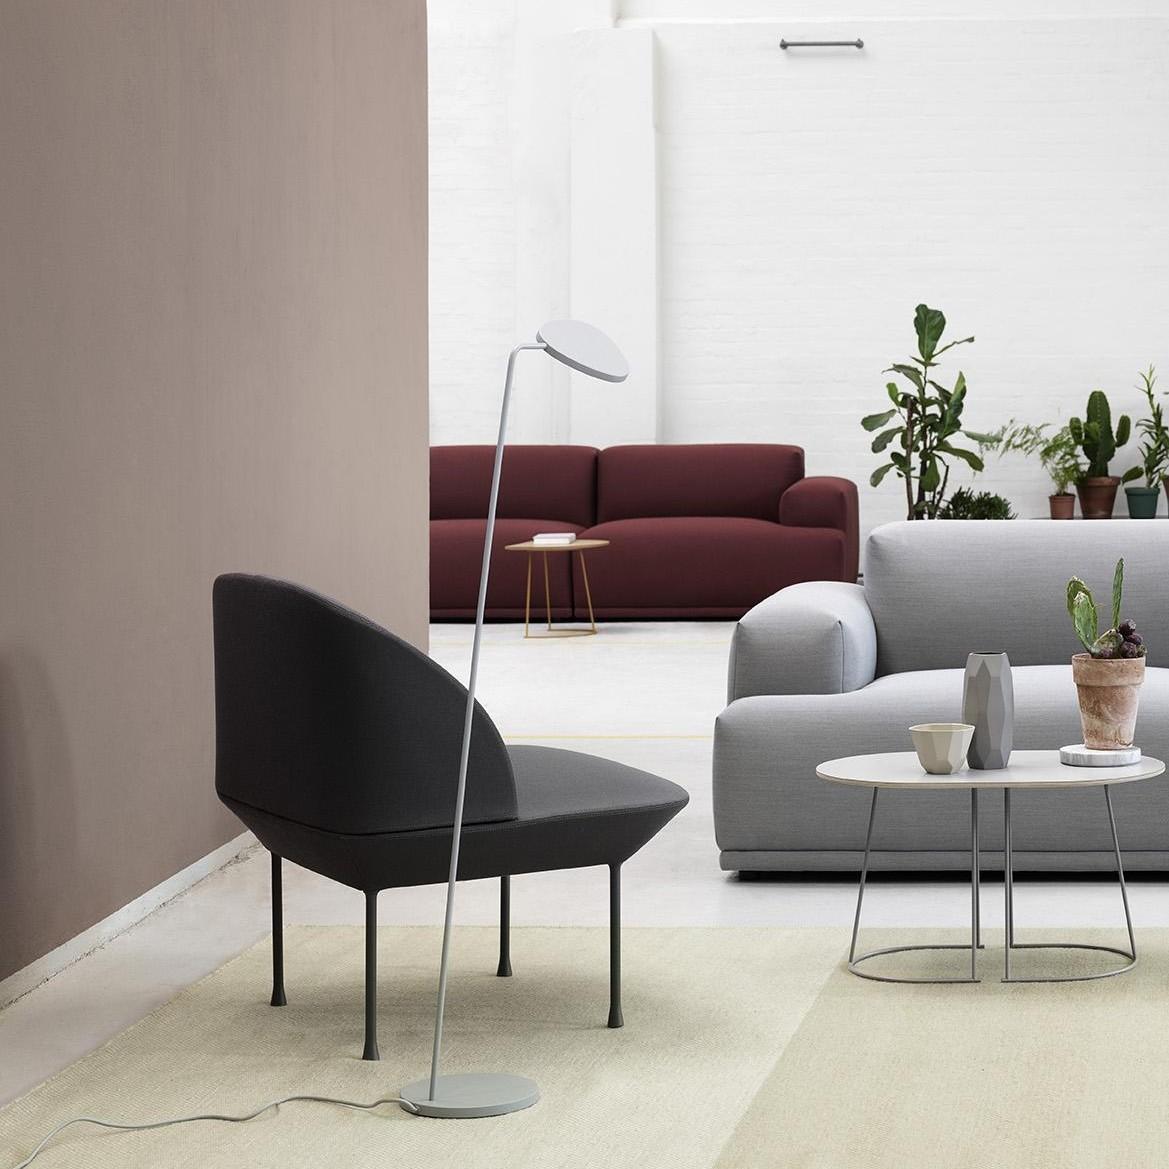 leaf led floor lamp muuto. Black Bedroom Furniture Sets. Home Design Ideas